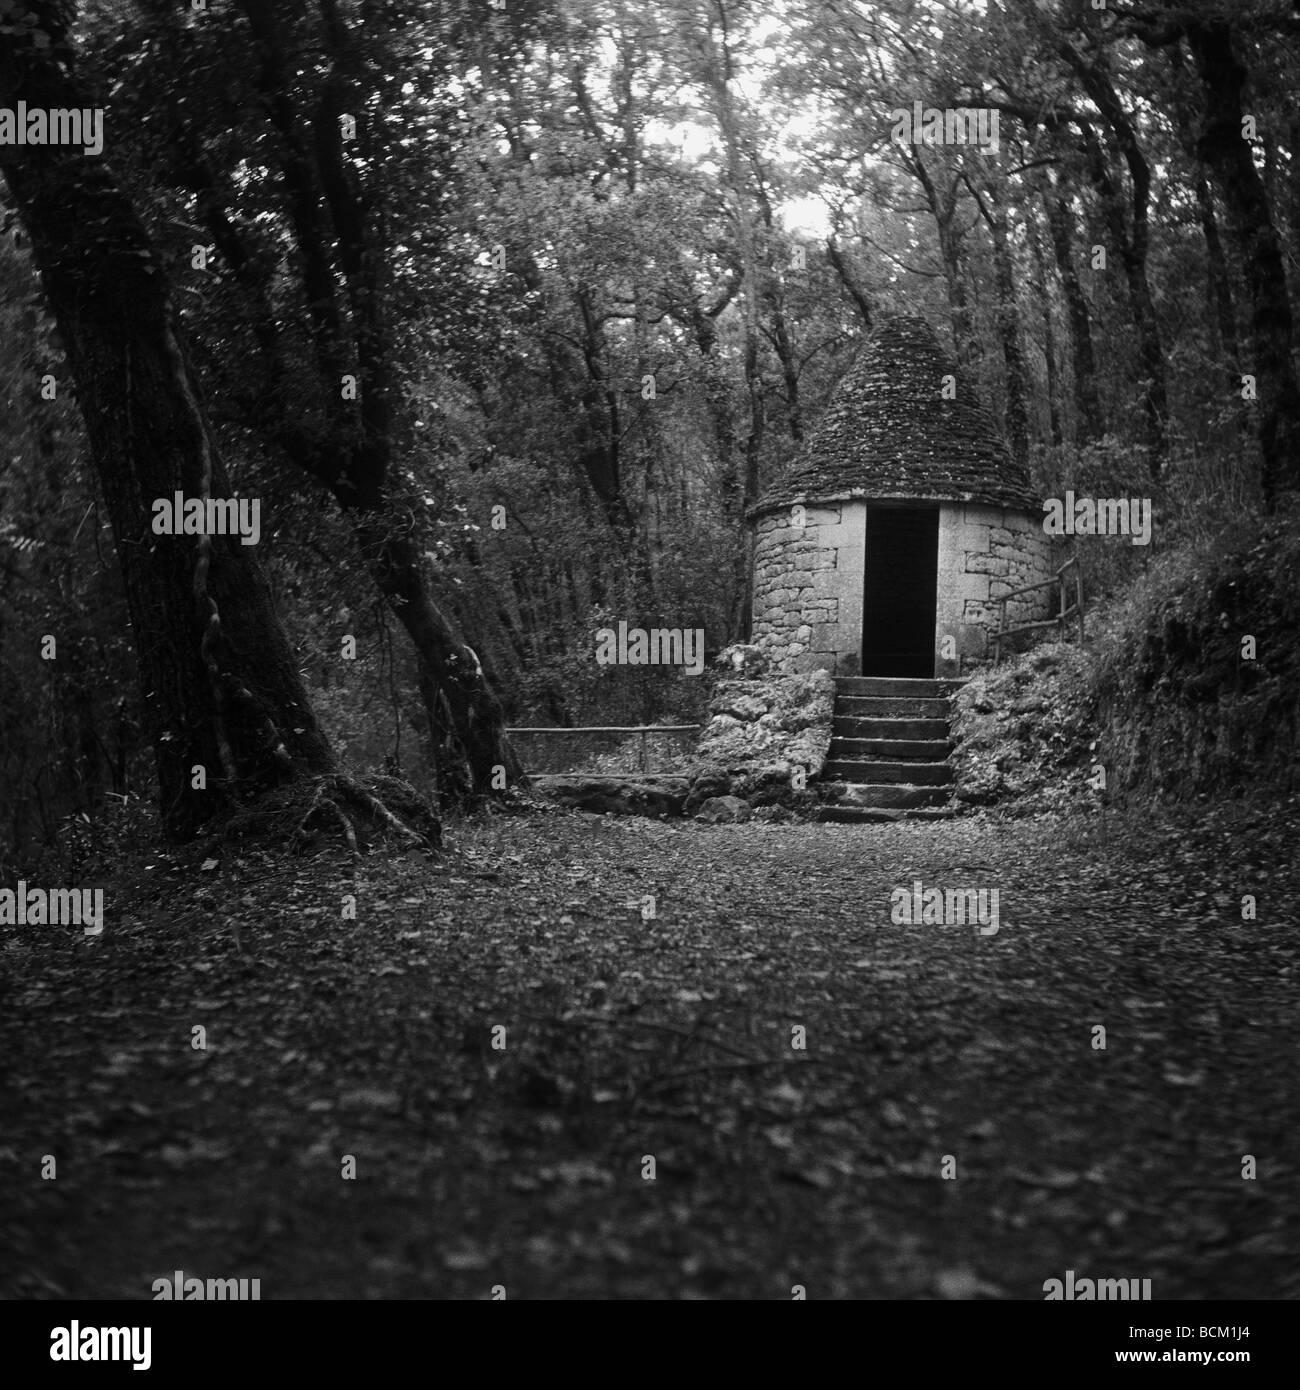 Pequeña construcción de piedra en los bosques, en blanco y negro Imagen De Stock